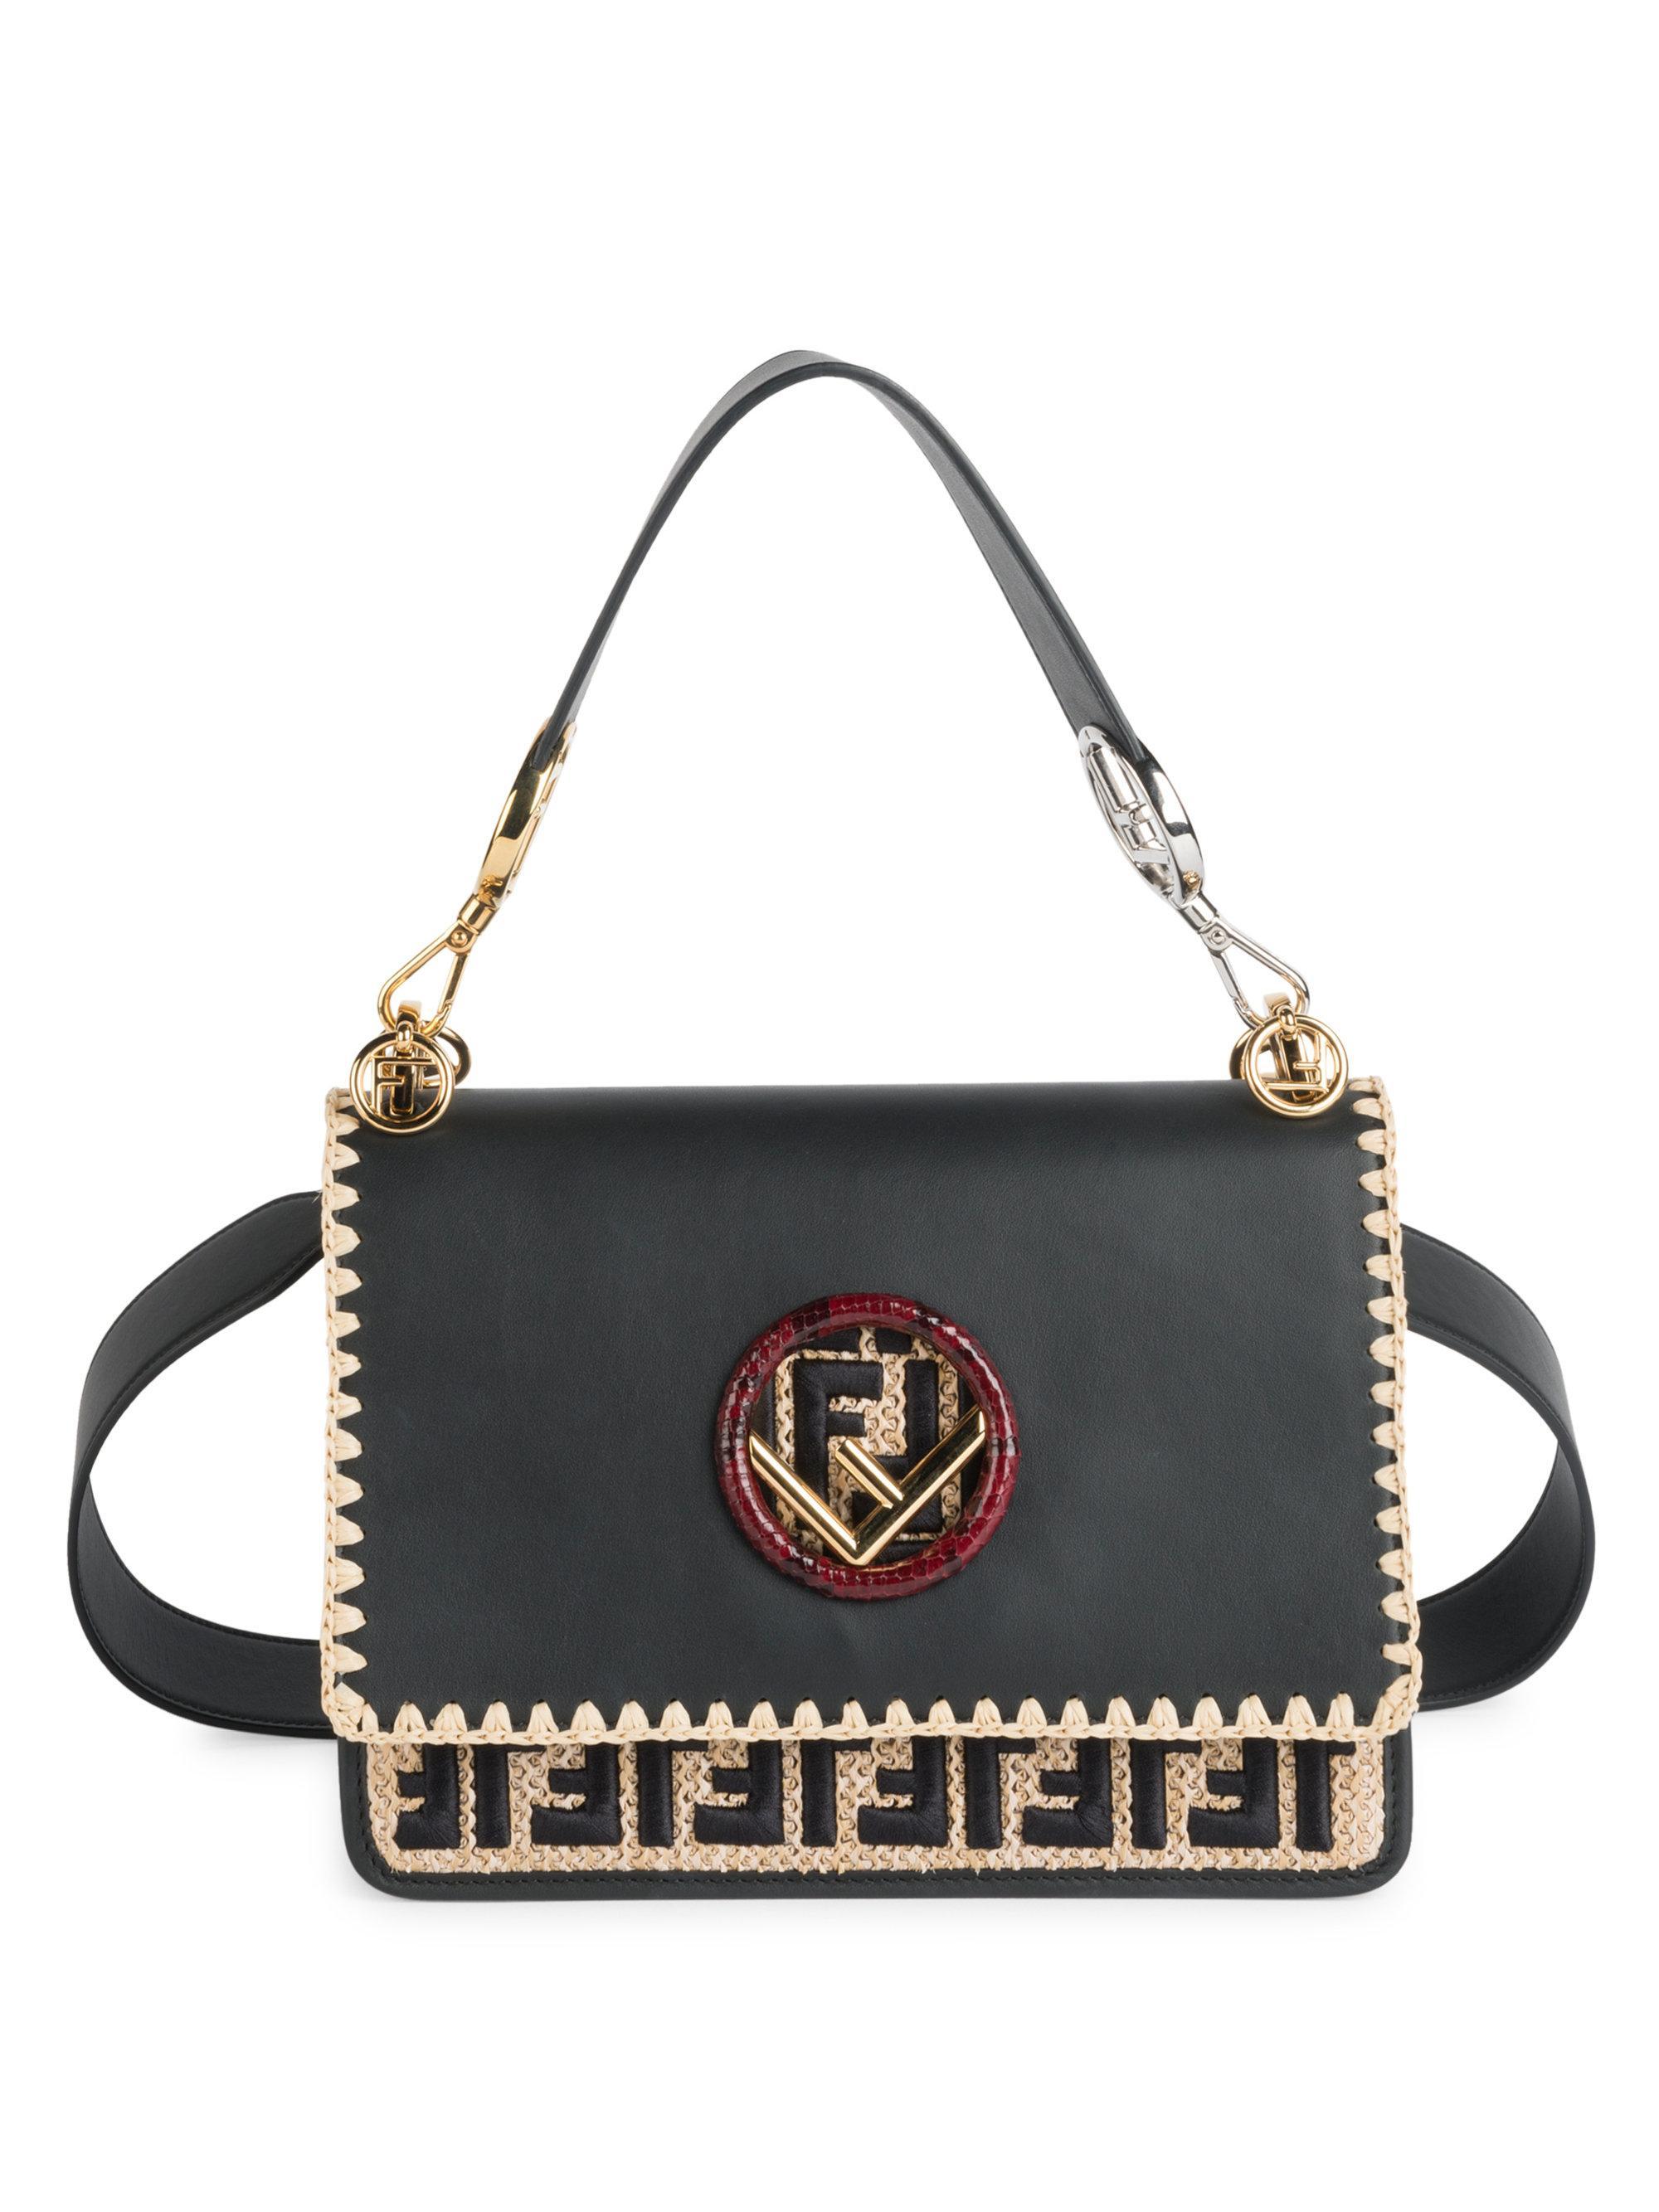 7619996c9f39 Fendi Kan I Rafia Logo Messenger Bag in Gray - Lyst